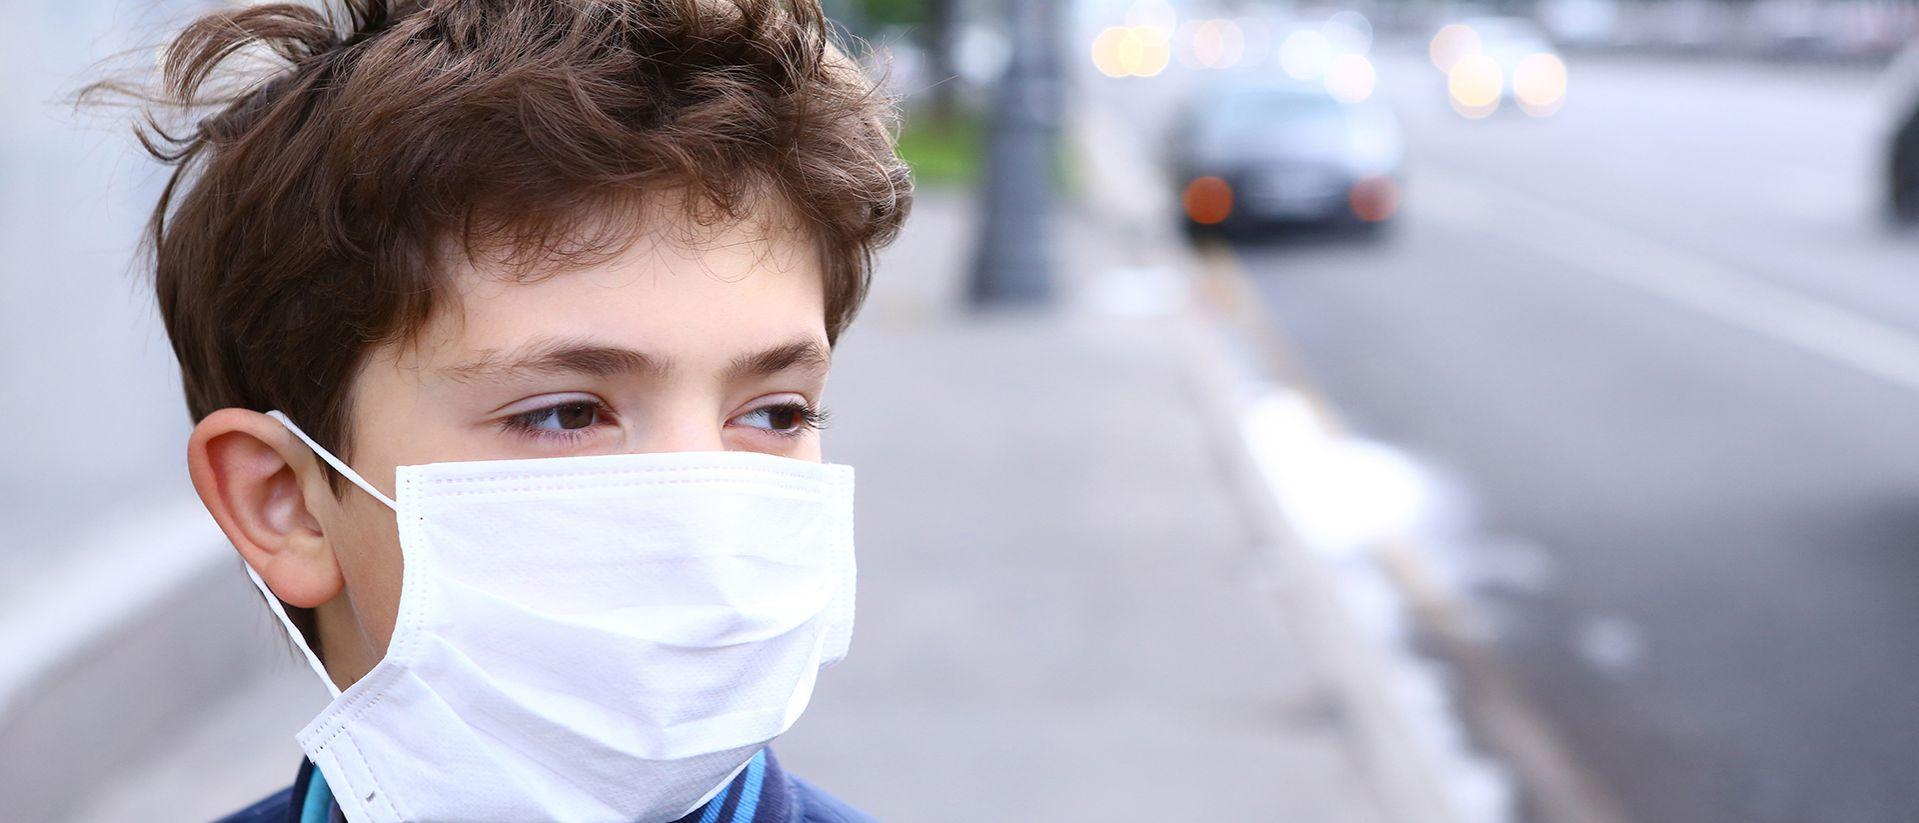 Quanto PM10 respira un bambino mentre va a scuola